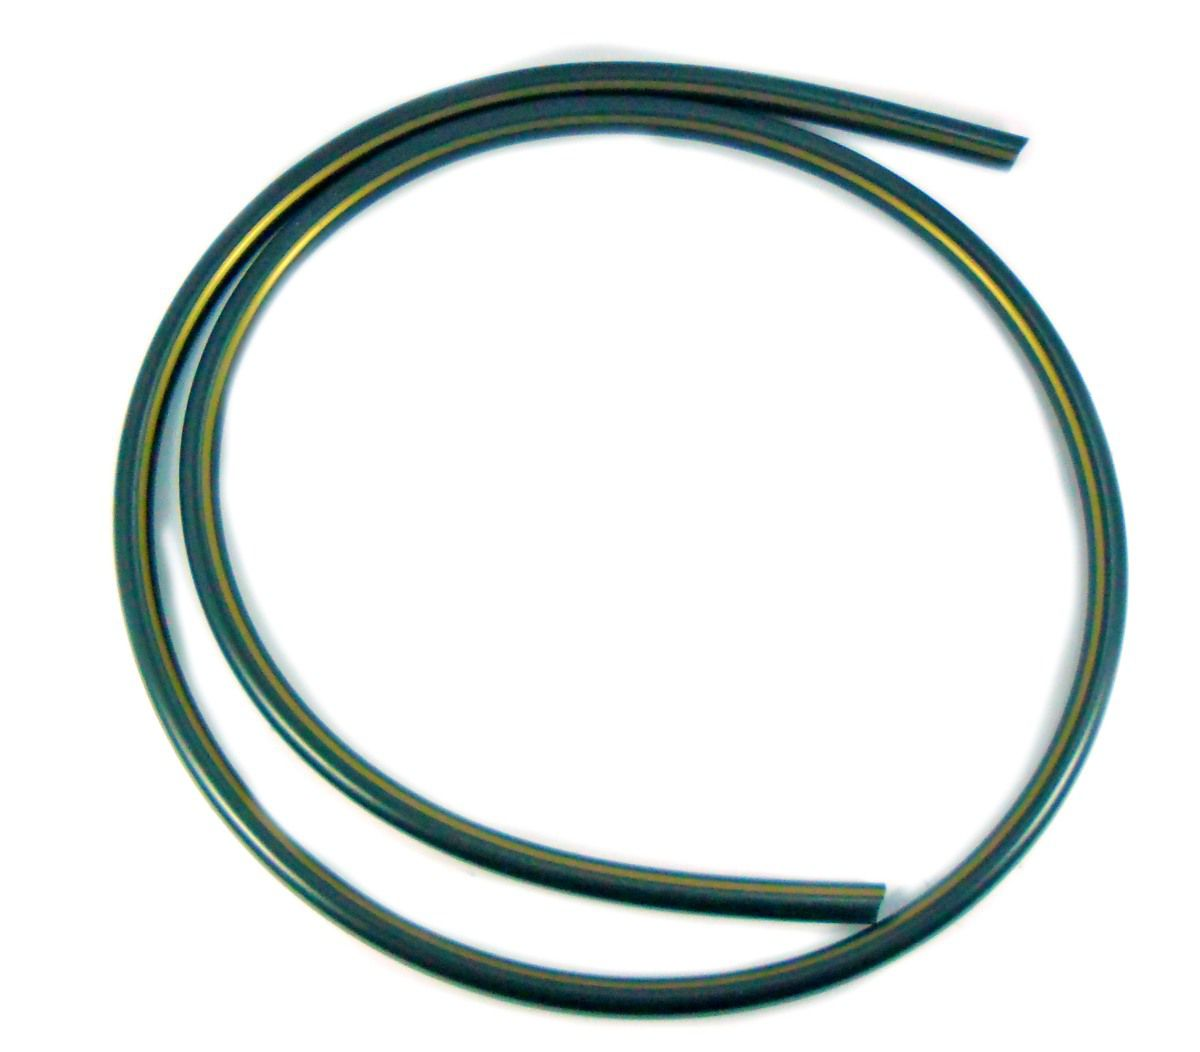 Mangueira p/narguile em silicone antichamas super flexível e leve. Encaixa todas as piteiras. 1,60m. Preto listras doura